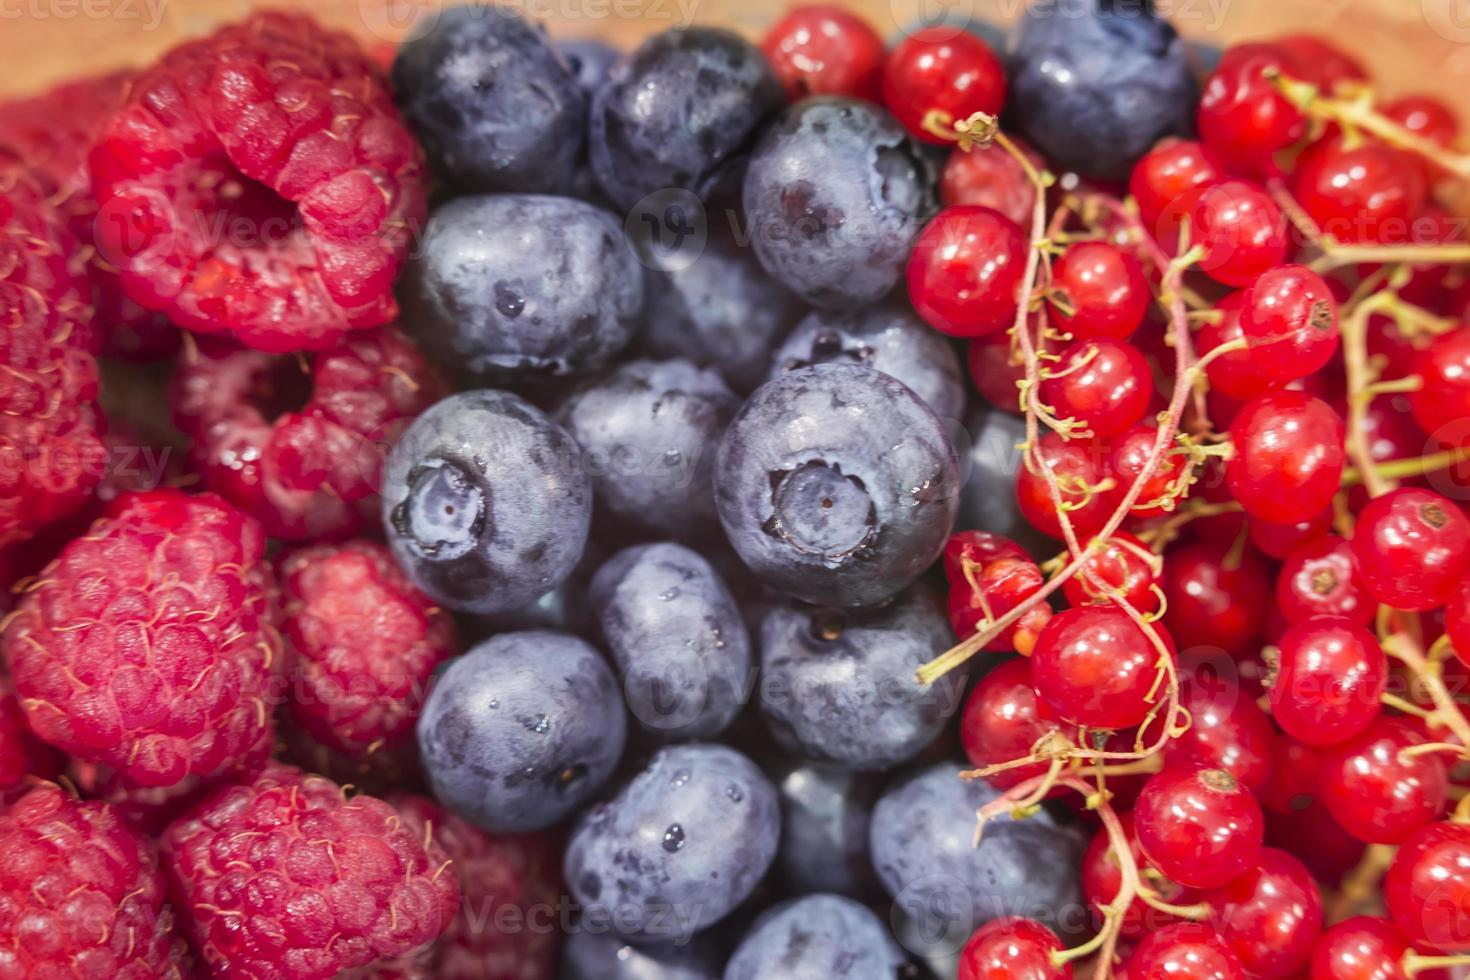 mélange de petits fruits. photo